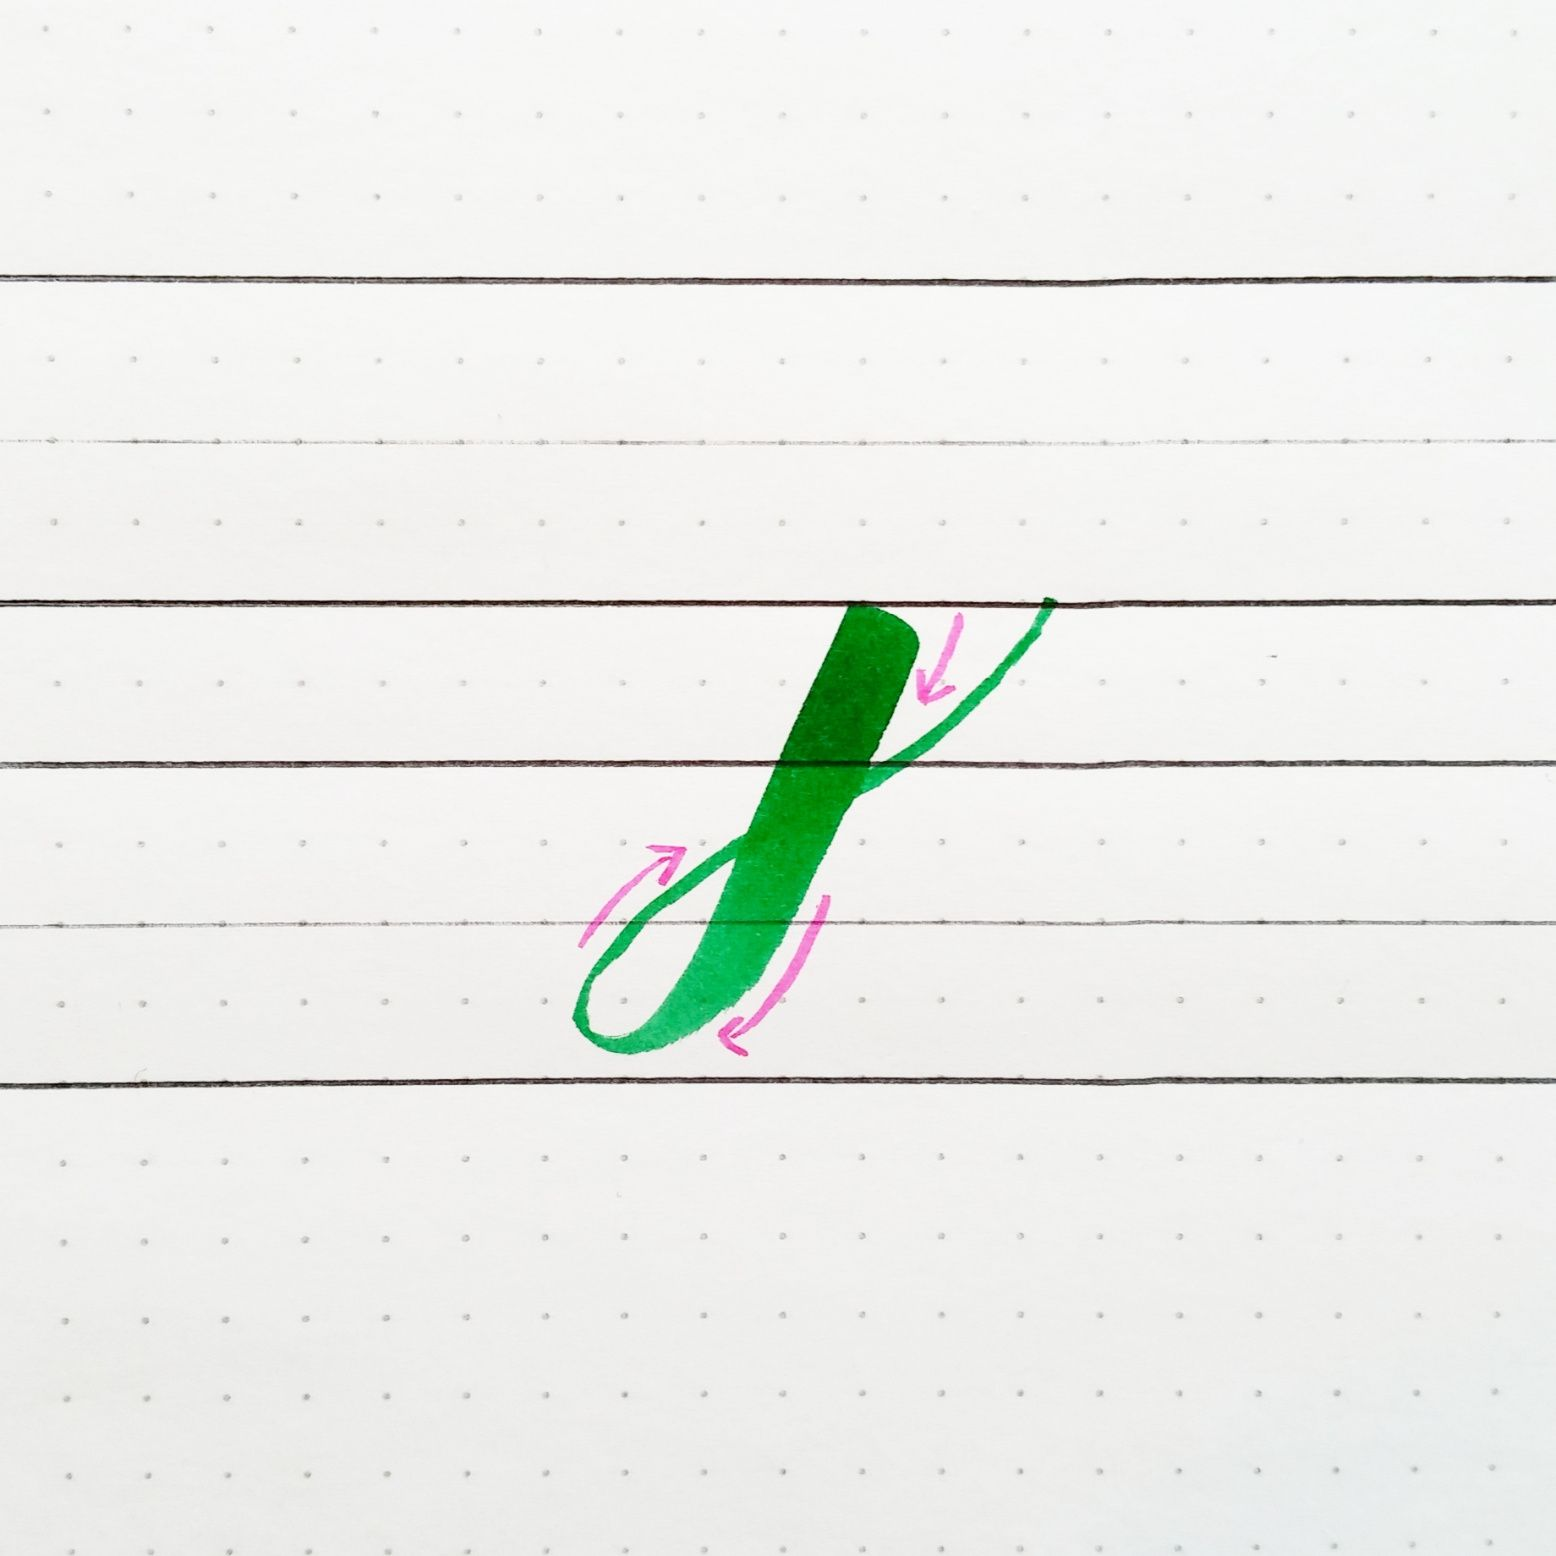 Basic Brush Calligraphy Strokes The Descending Stem Loop